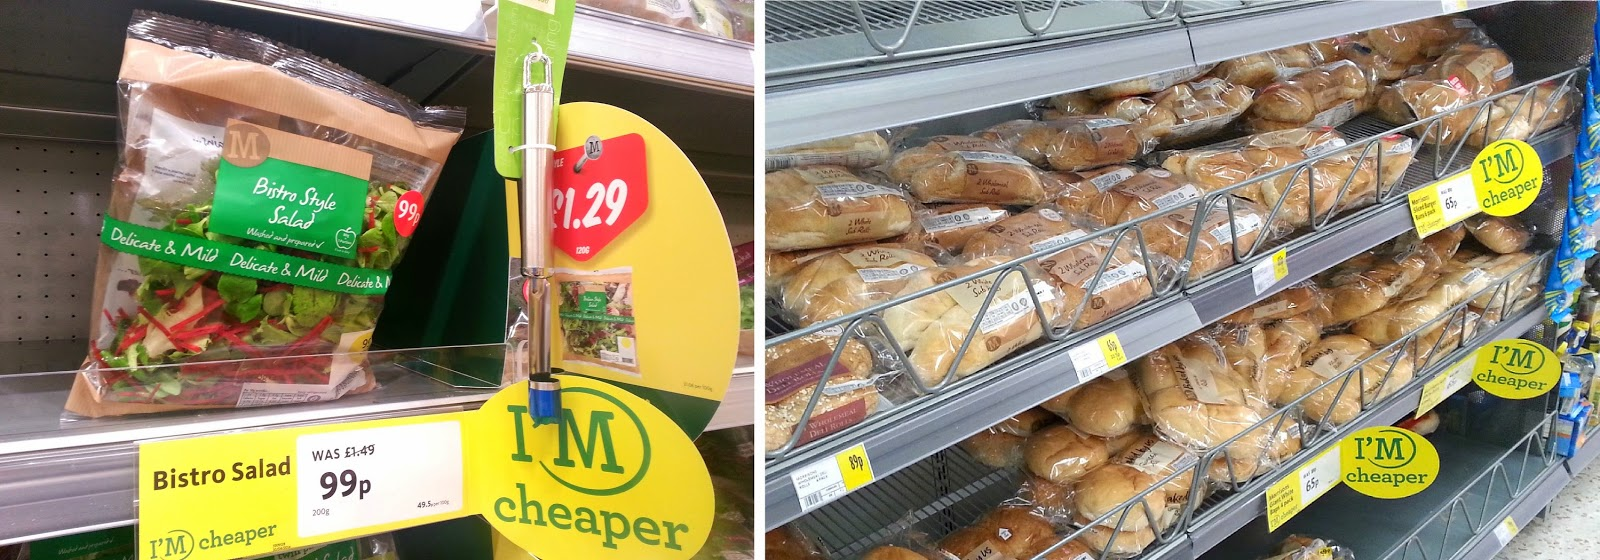 #MorrisonsMum, Morrisons price cut, Morrisons I'm Cheaper products